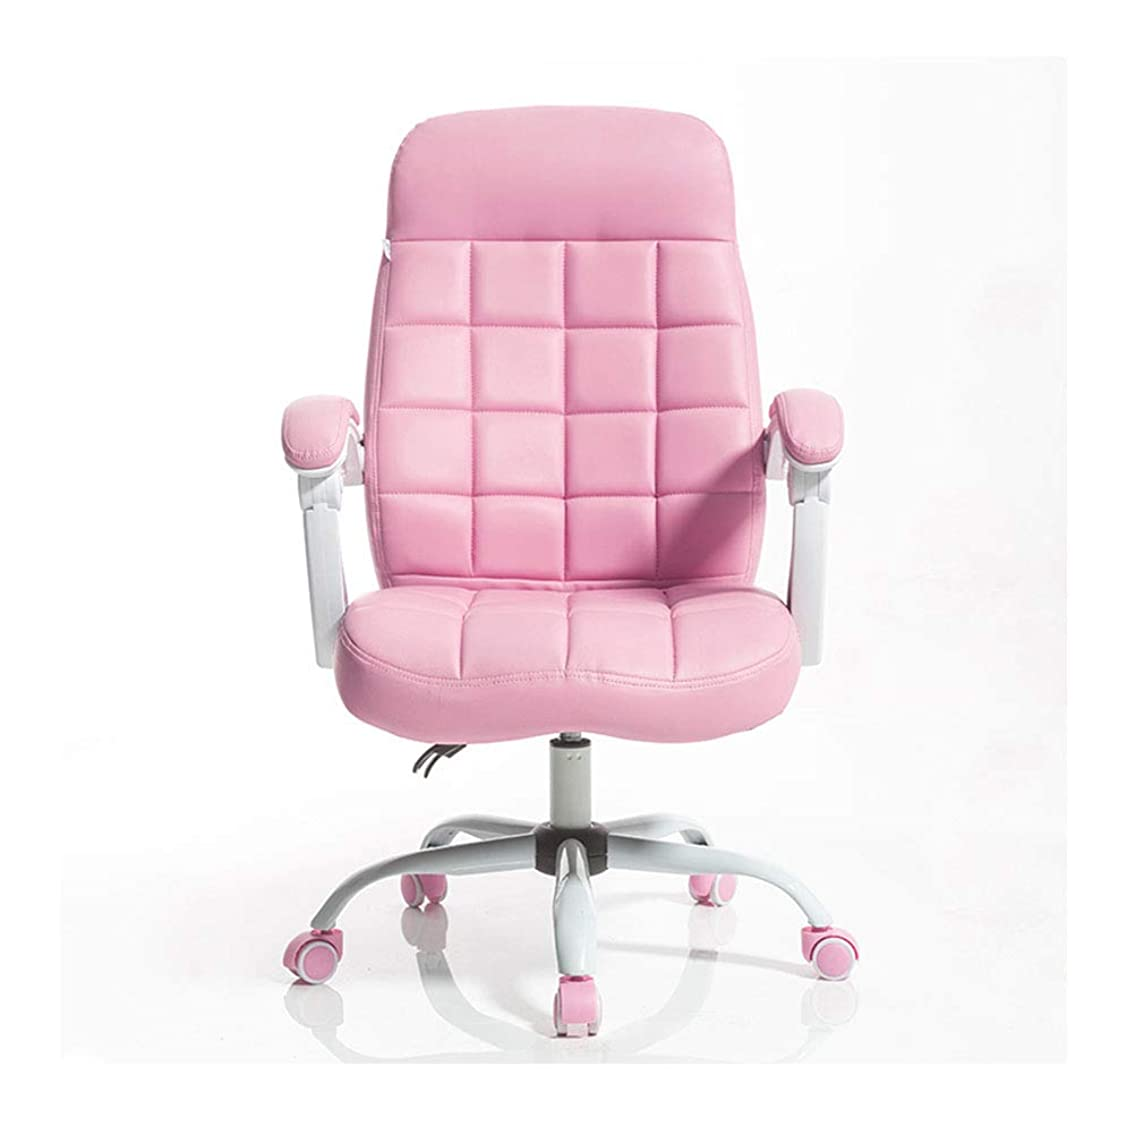 蒸し器雨の想定する家/オフィス/研究室のための高い背部が付いているコンピュータ賭博の回転イスの持ち上がるオフィスの椅子